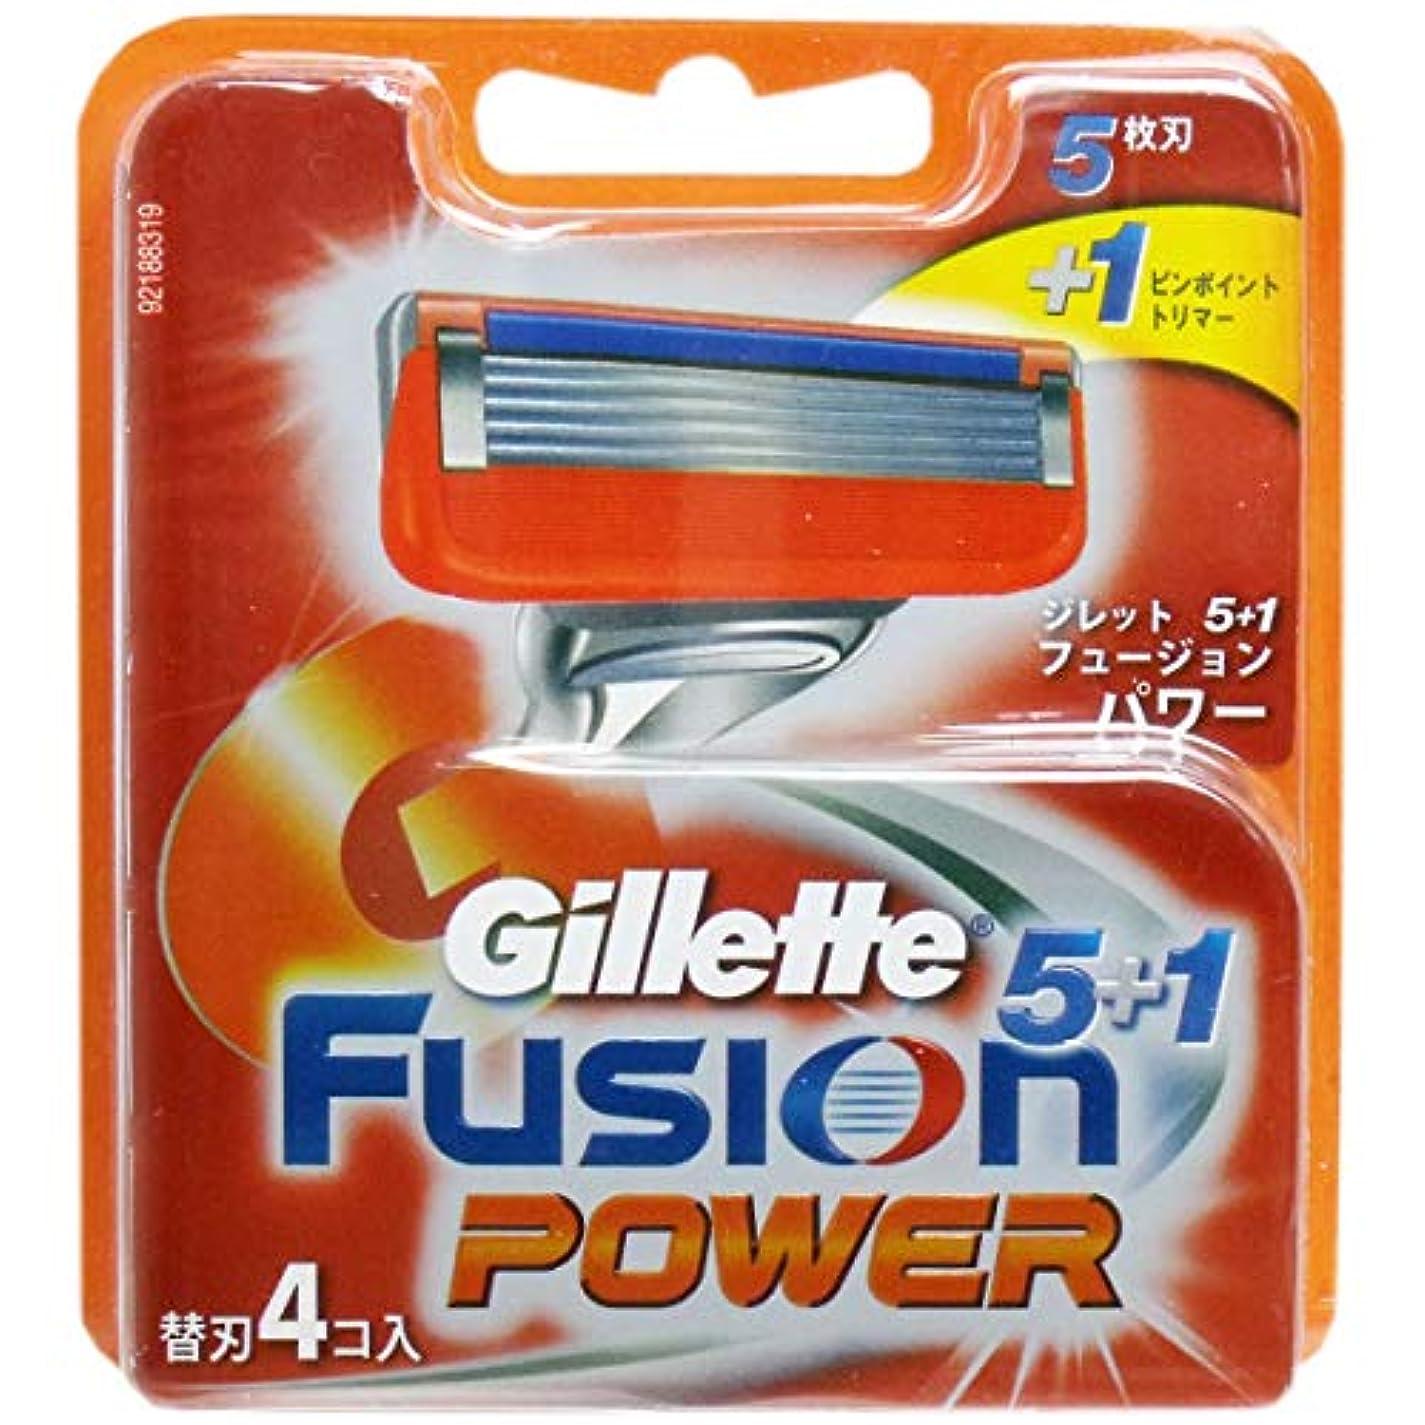 保証提供された宝ジレット フュージョン5+1 パワー 替刃 4個入×2個セット